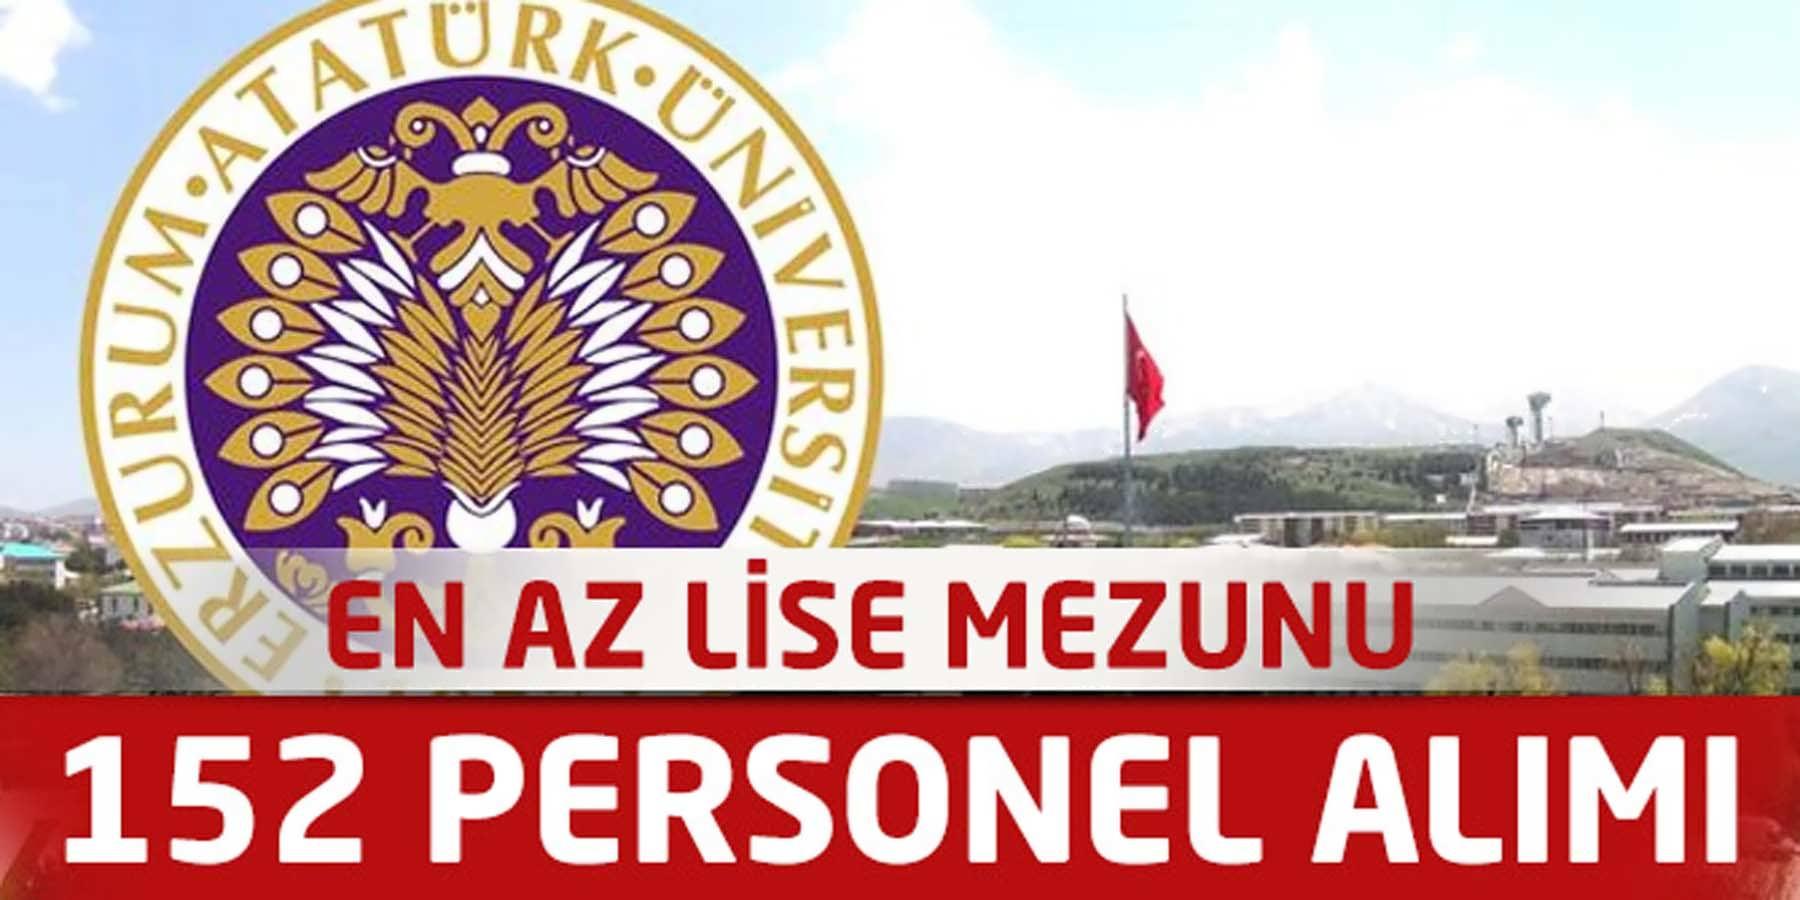 Atatürk Üniversitesi En Az Lise Mezunu 152 Personel Alımı